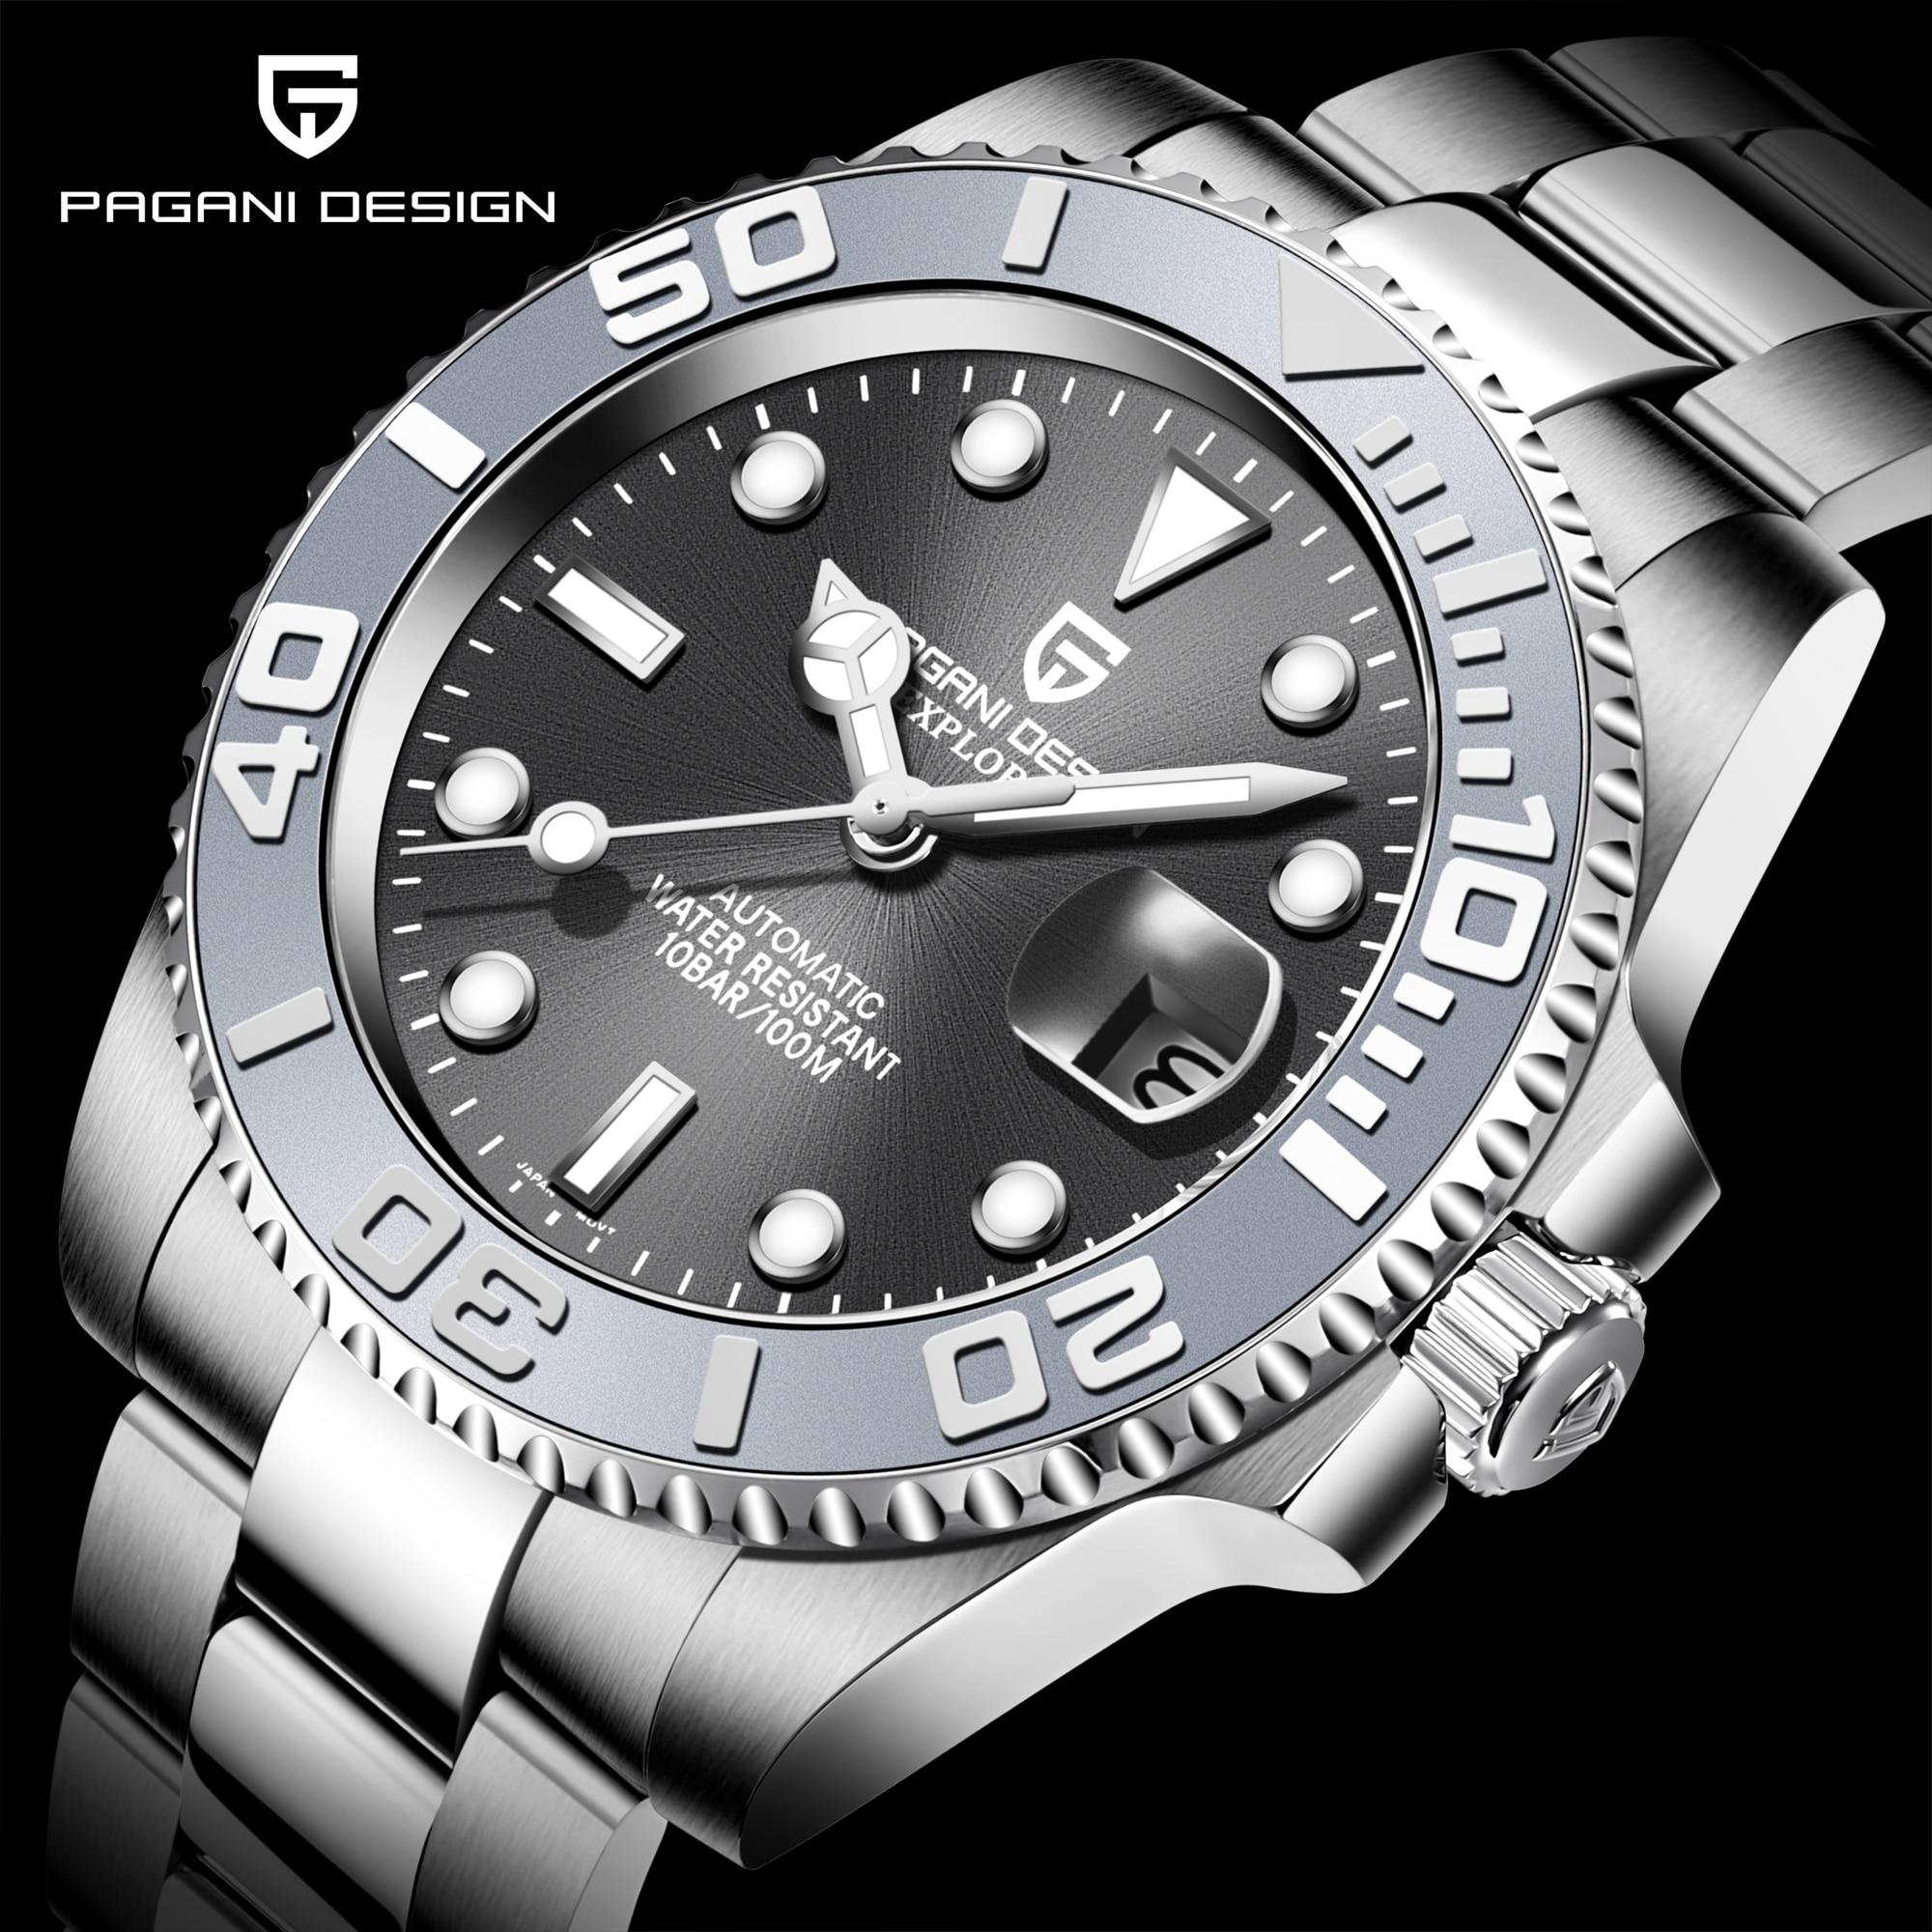 Reloj de pulsera Pagani Desing